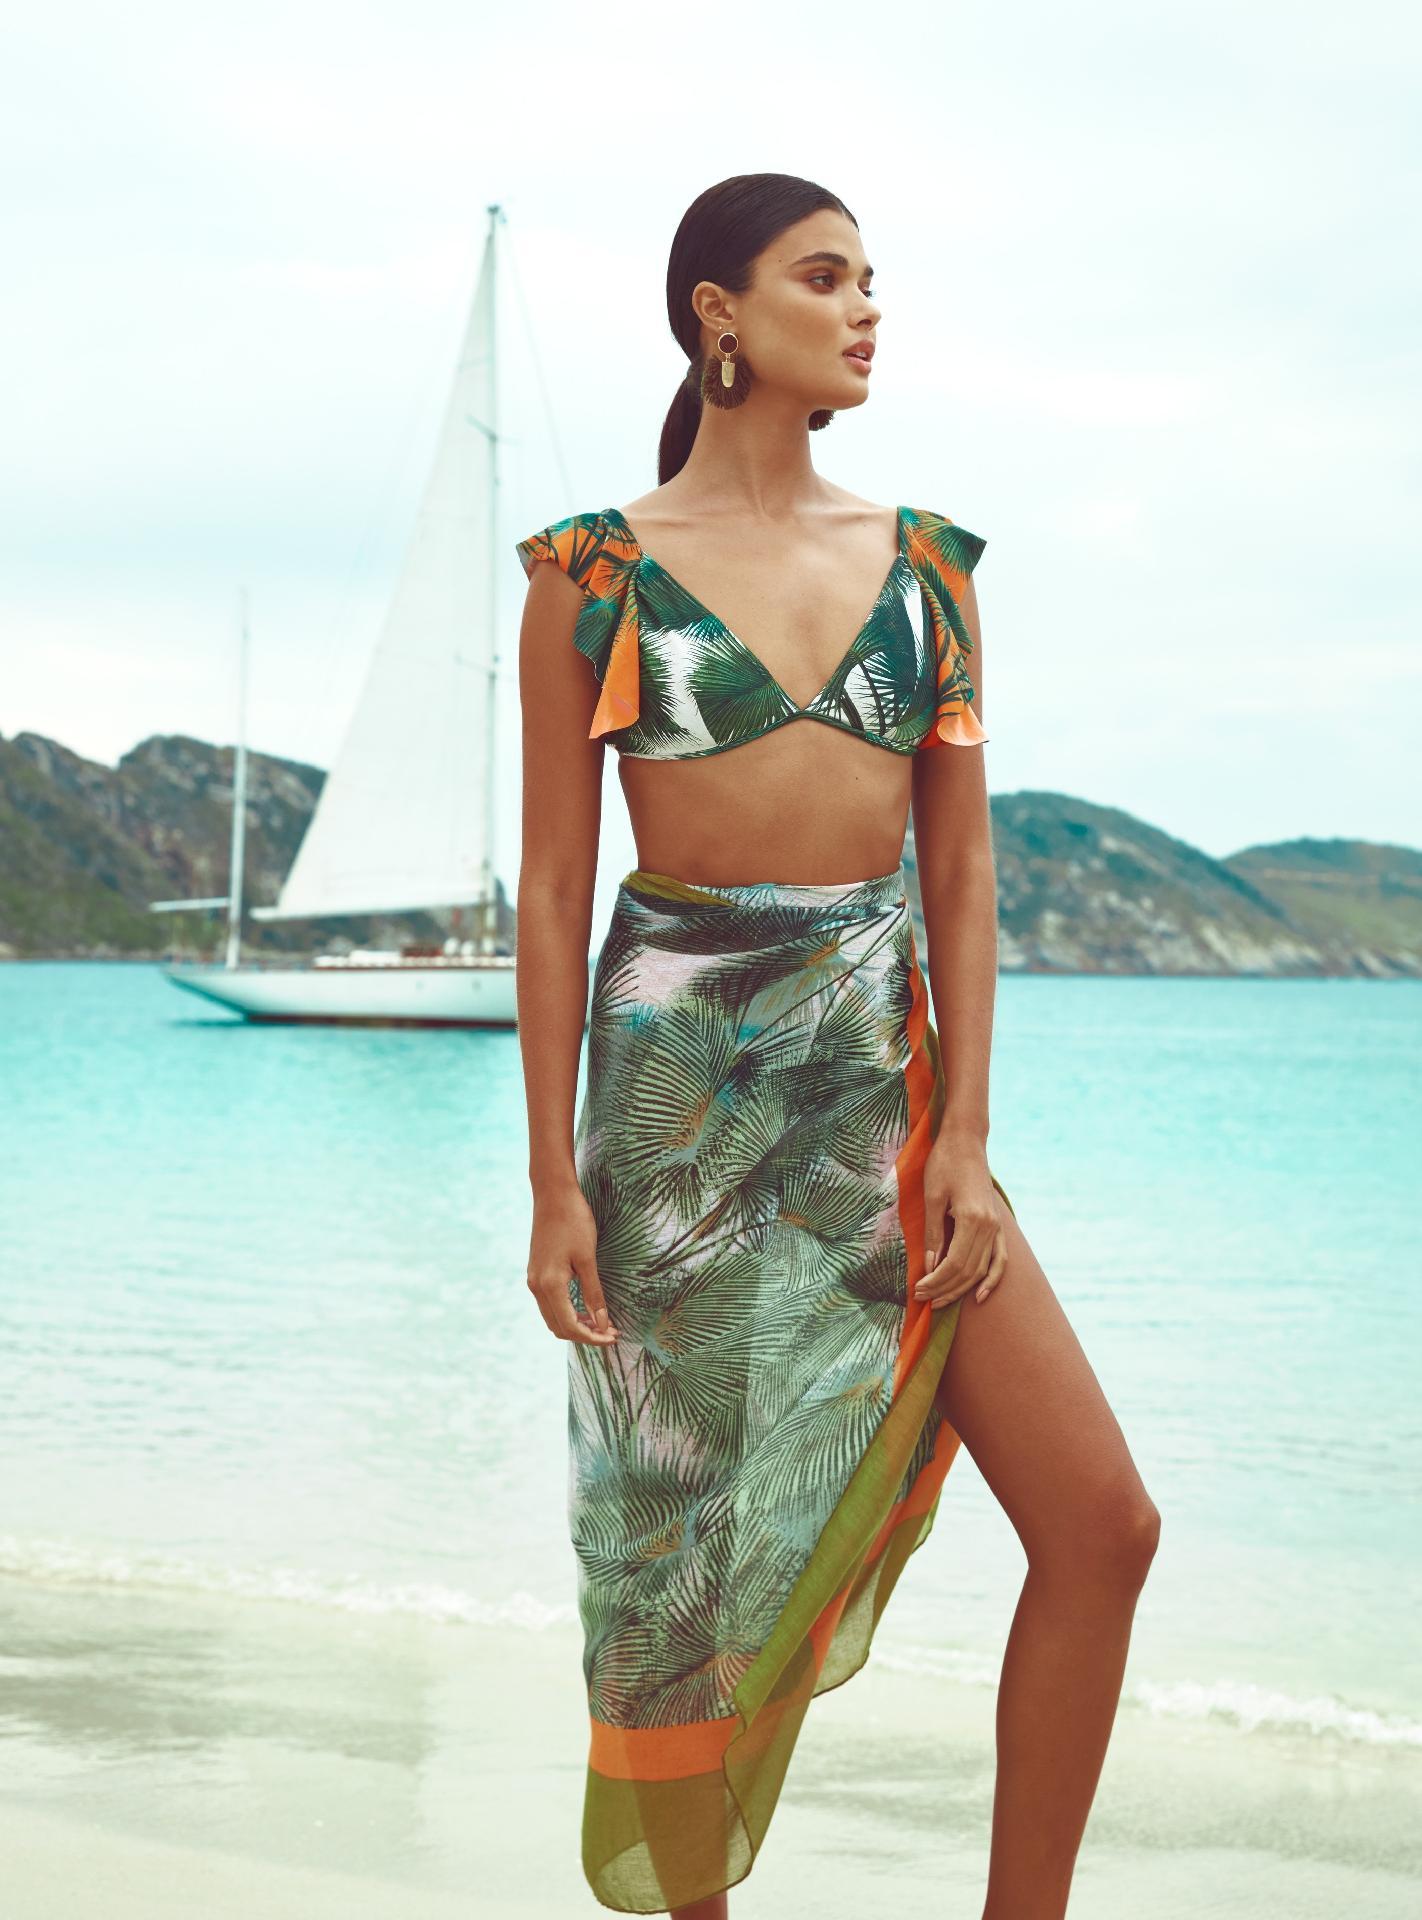 7338914da04c3 Moda praia  gigante fashion lança coleção com cinco marcas renomadas -  26 11 2018 - UOL Universa